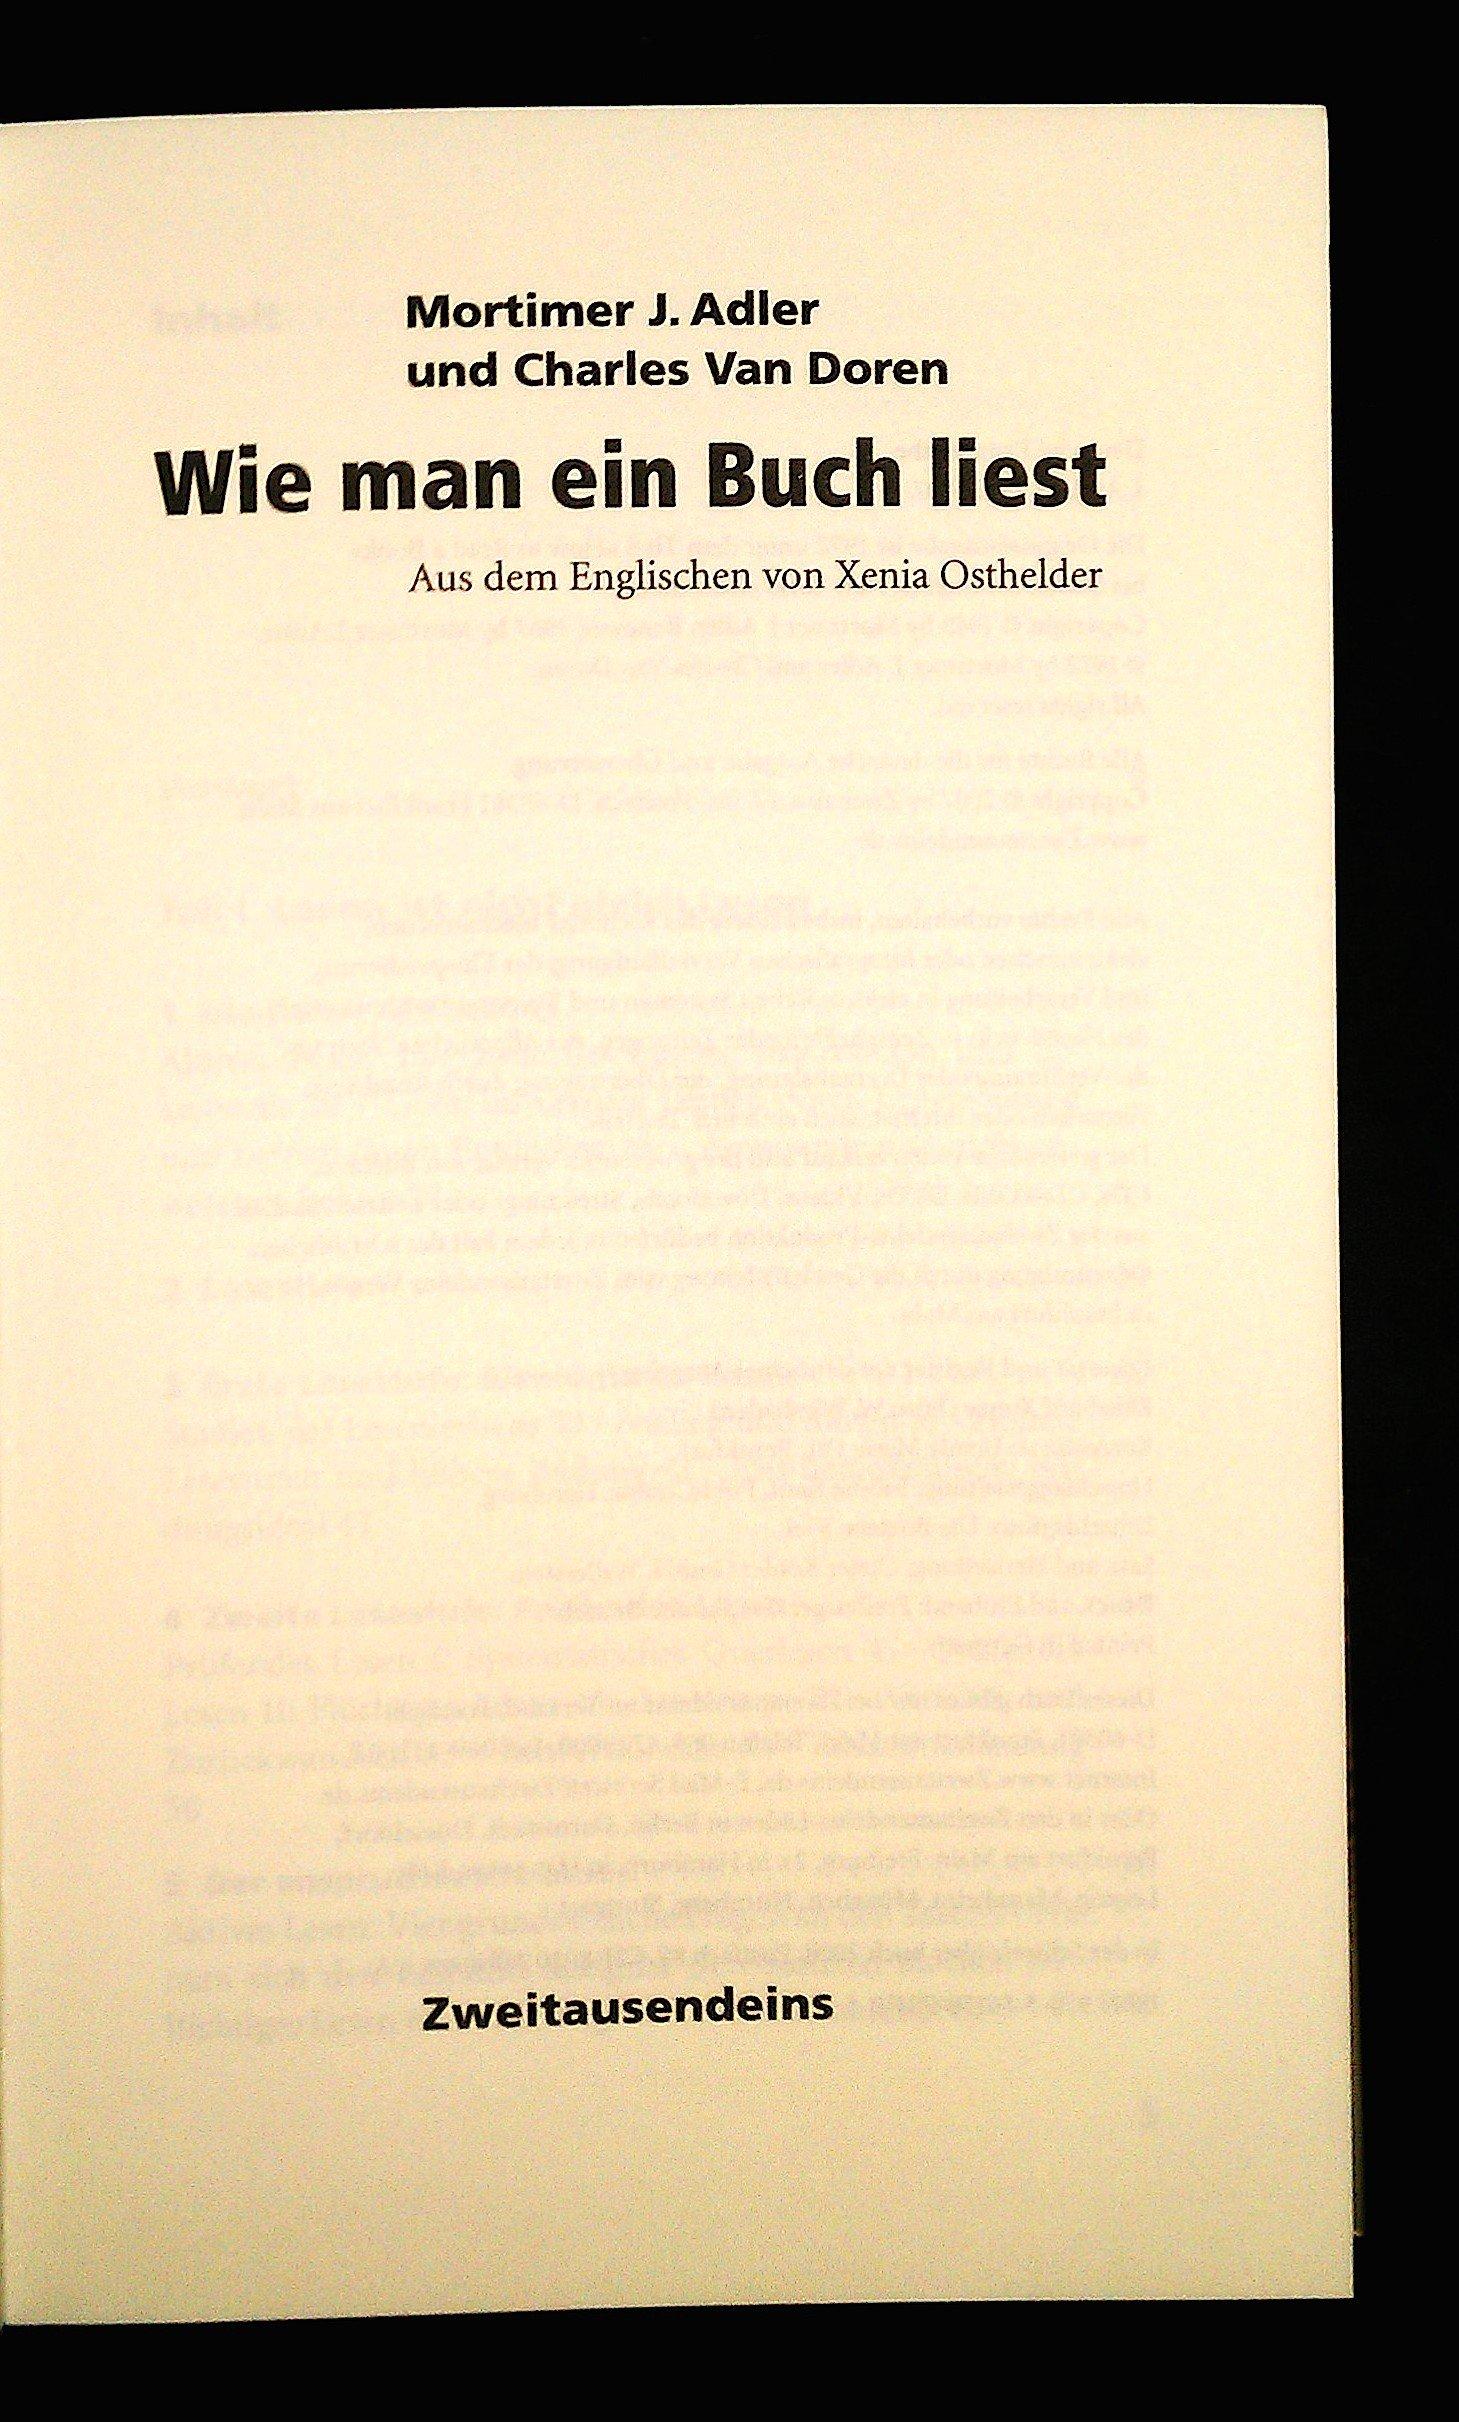 Wie man ein Buch liest: Amazon.de: Mortimer J Adler, Charles van ...